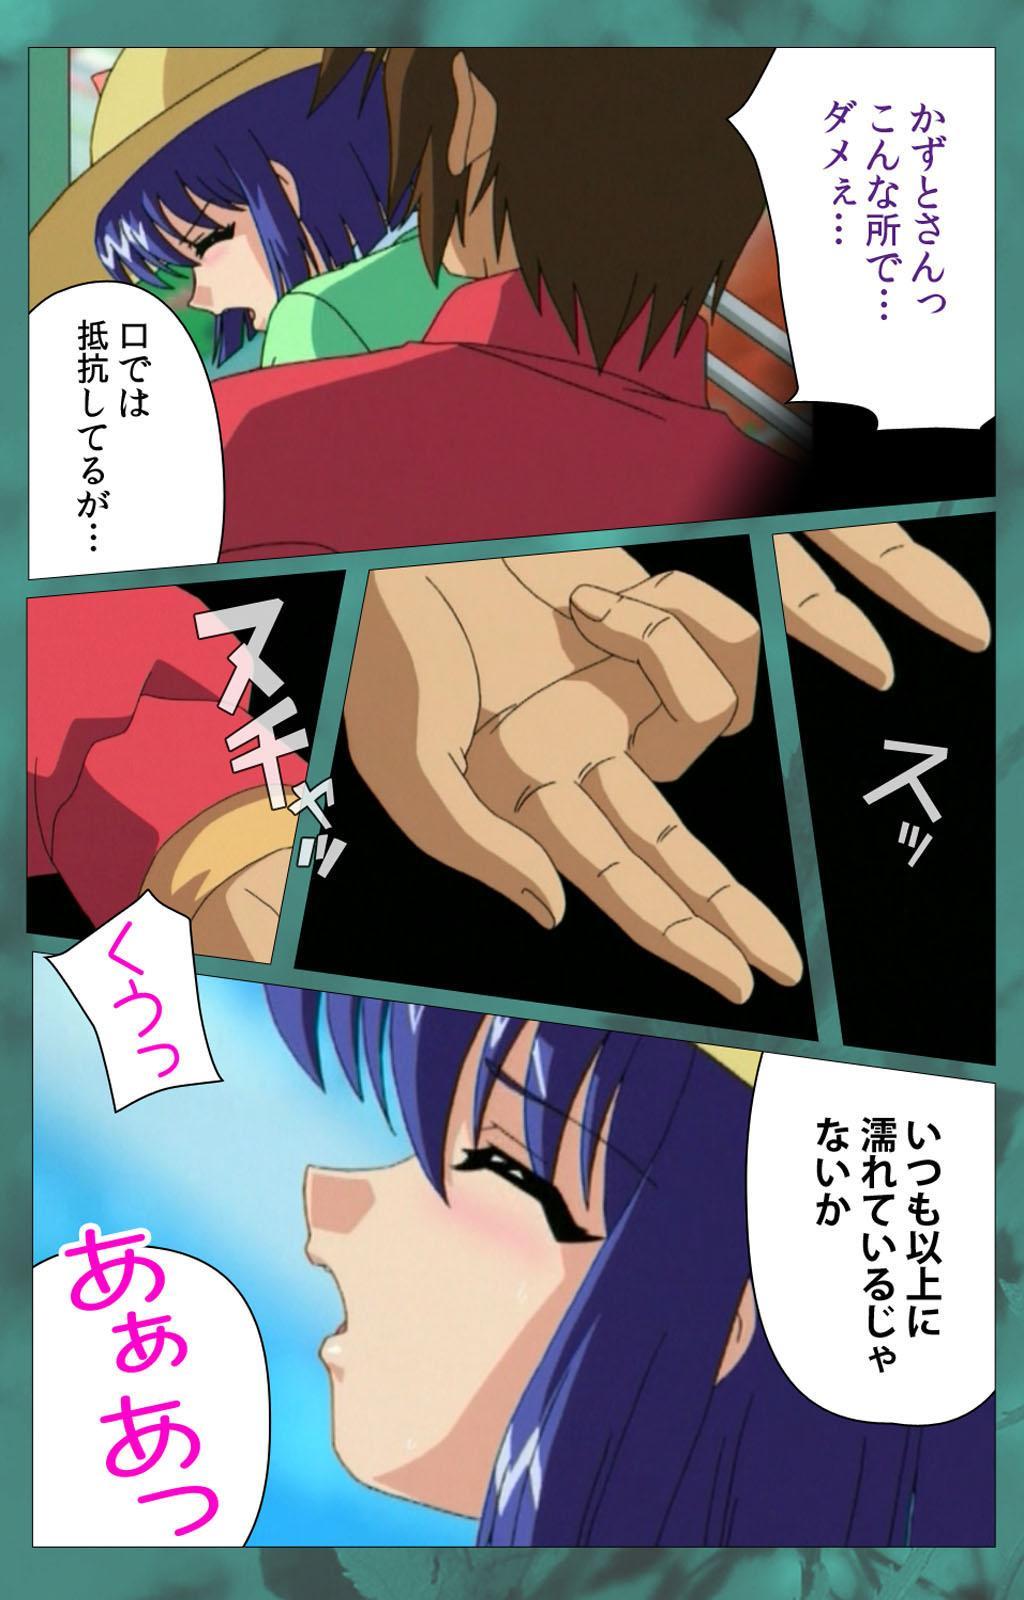 'watashi ningyo jaarimasen' kanzenhan 315